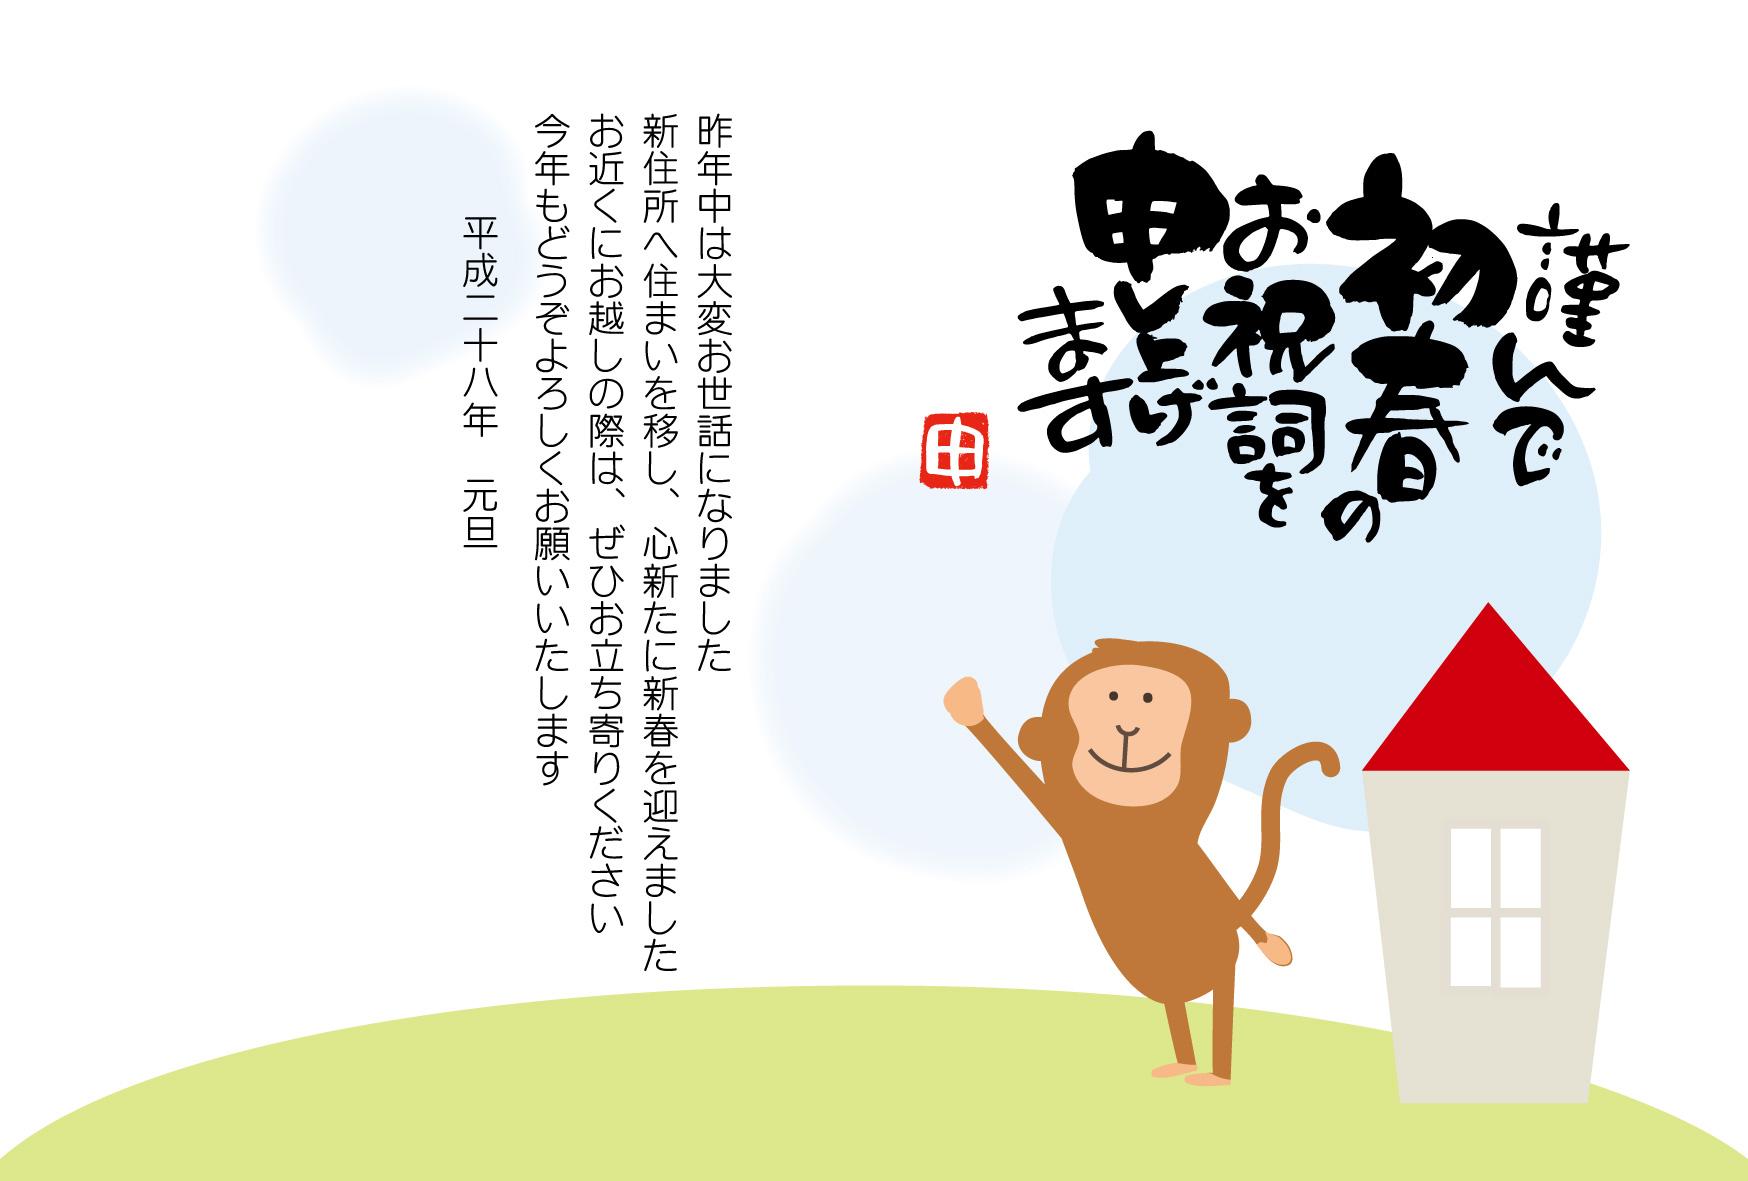 ... のイラスト)年賀状 無料素材 : 無料素材 羊 : 無料